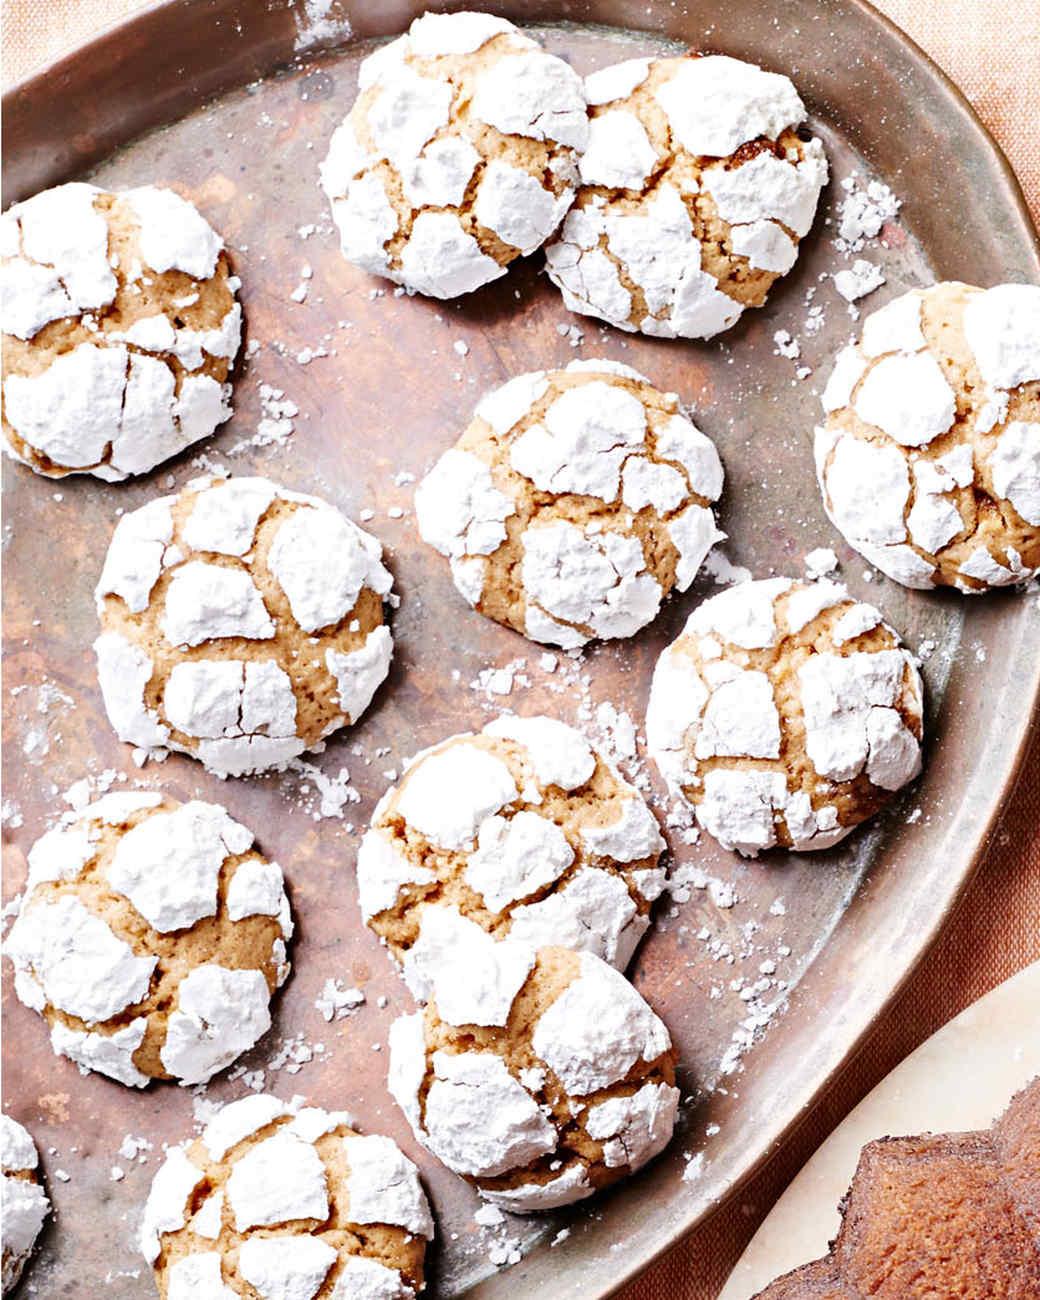 lemony-brown-butter-cookies-0043-hero-d113086.jpg